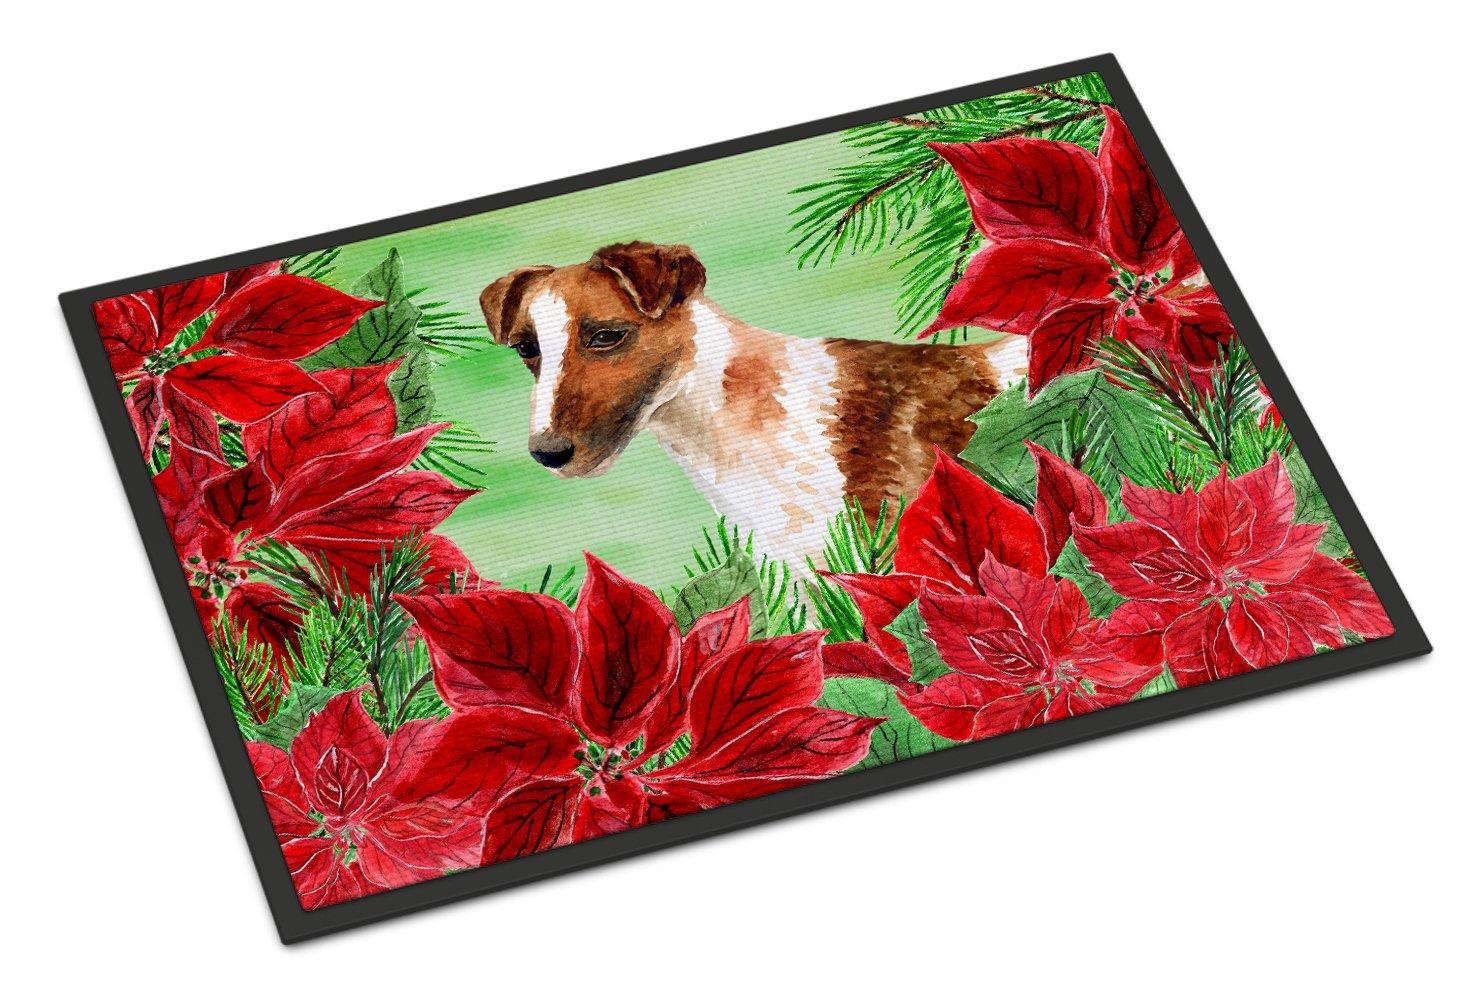 Carolines Treasures Maremma Sheepdog Spring Doormat 18 x 27 Multicolor